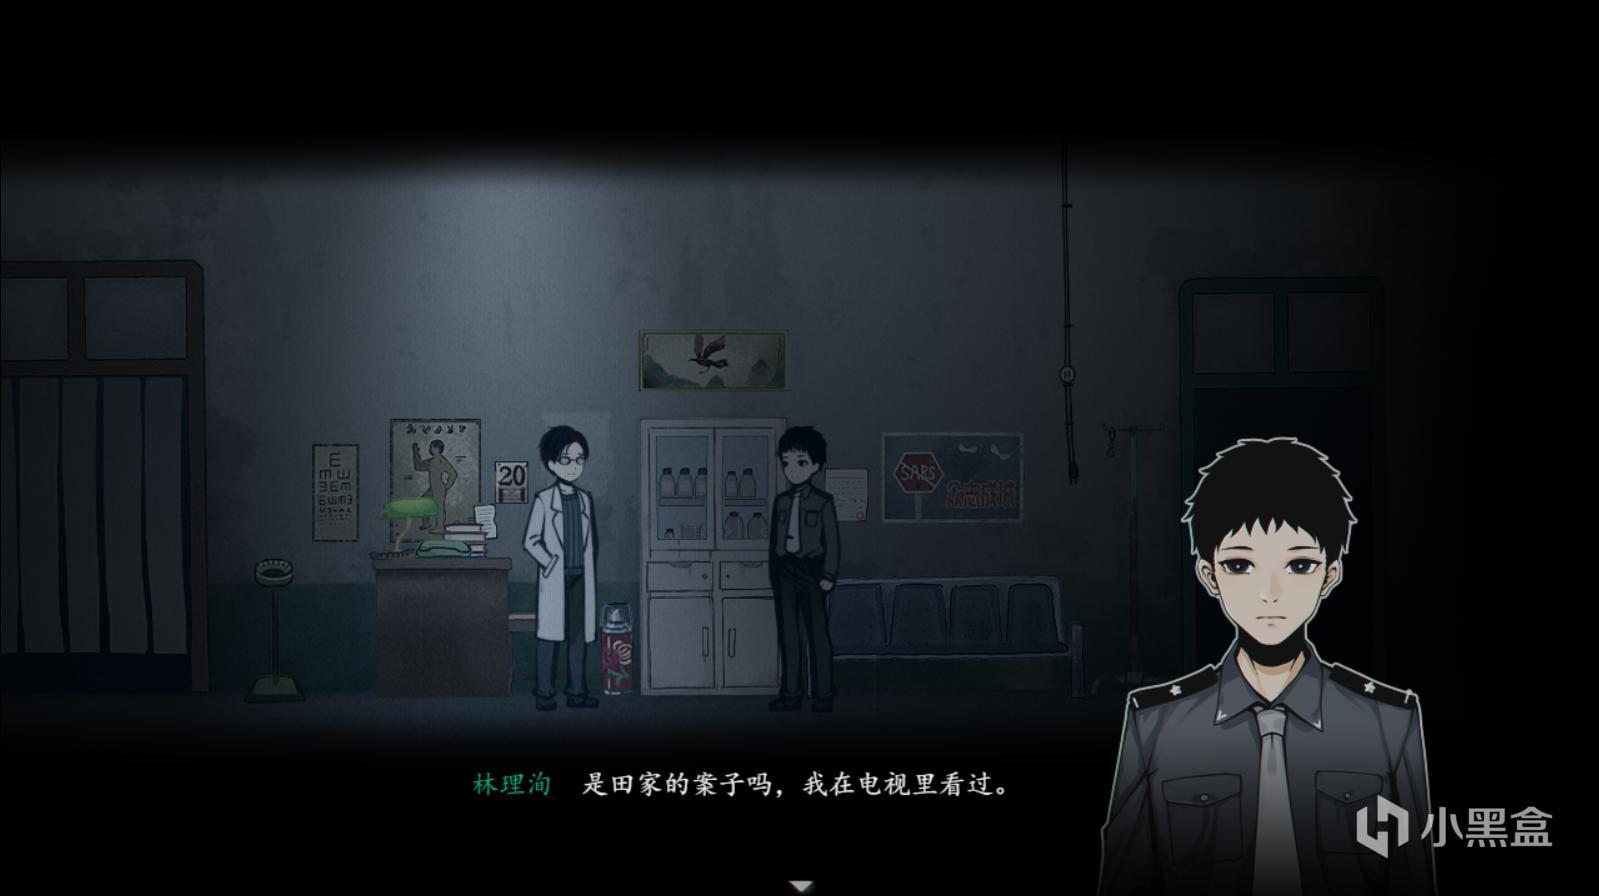 谁是灭门惨案真凶? 国产恐怖游戏《烟火》2月4日正式发售